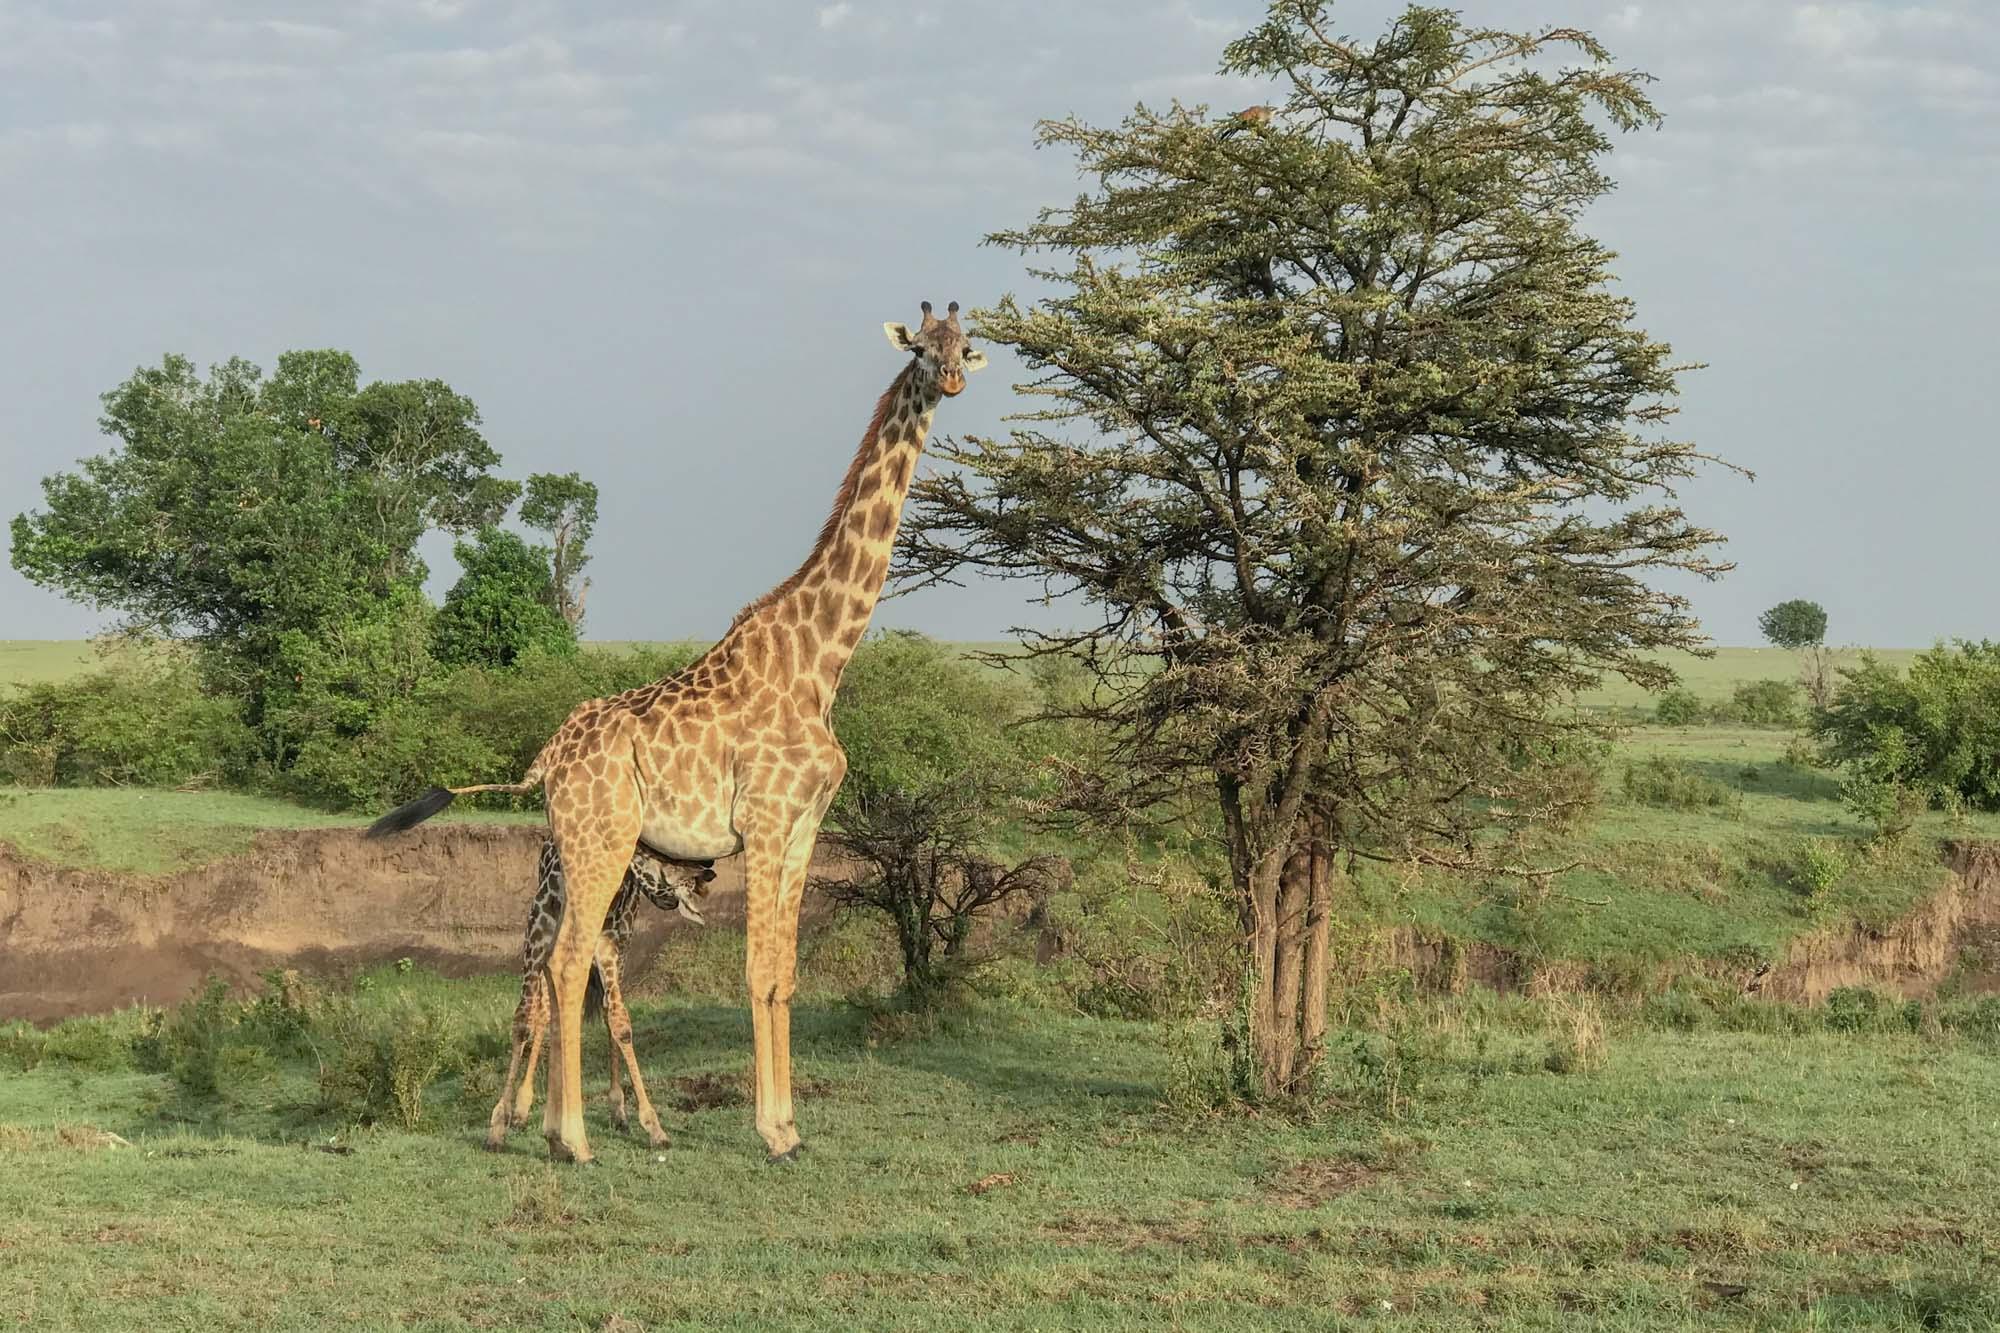 giraffe-mara-suckling-mother-kenya-2018-01-13.jpg